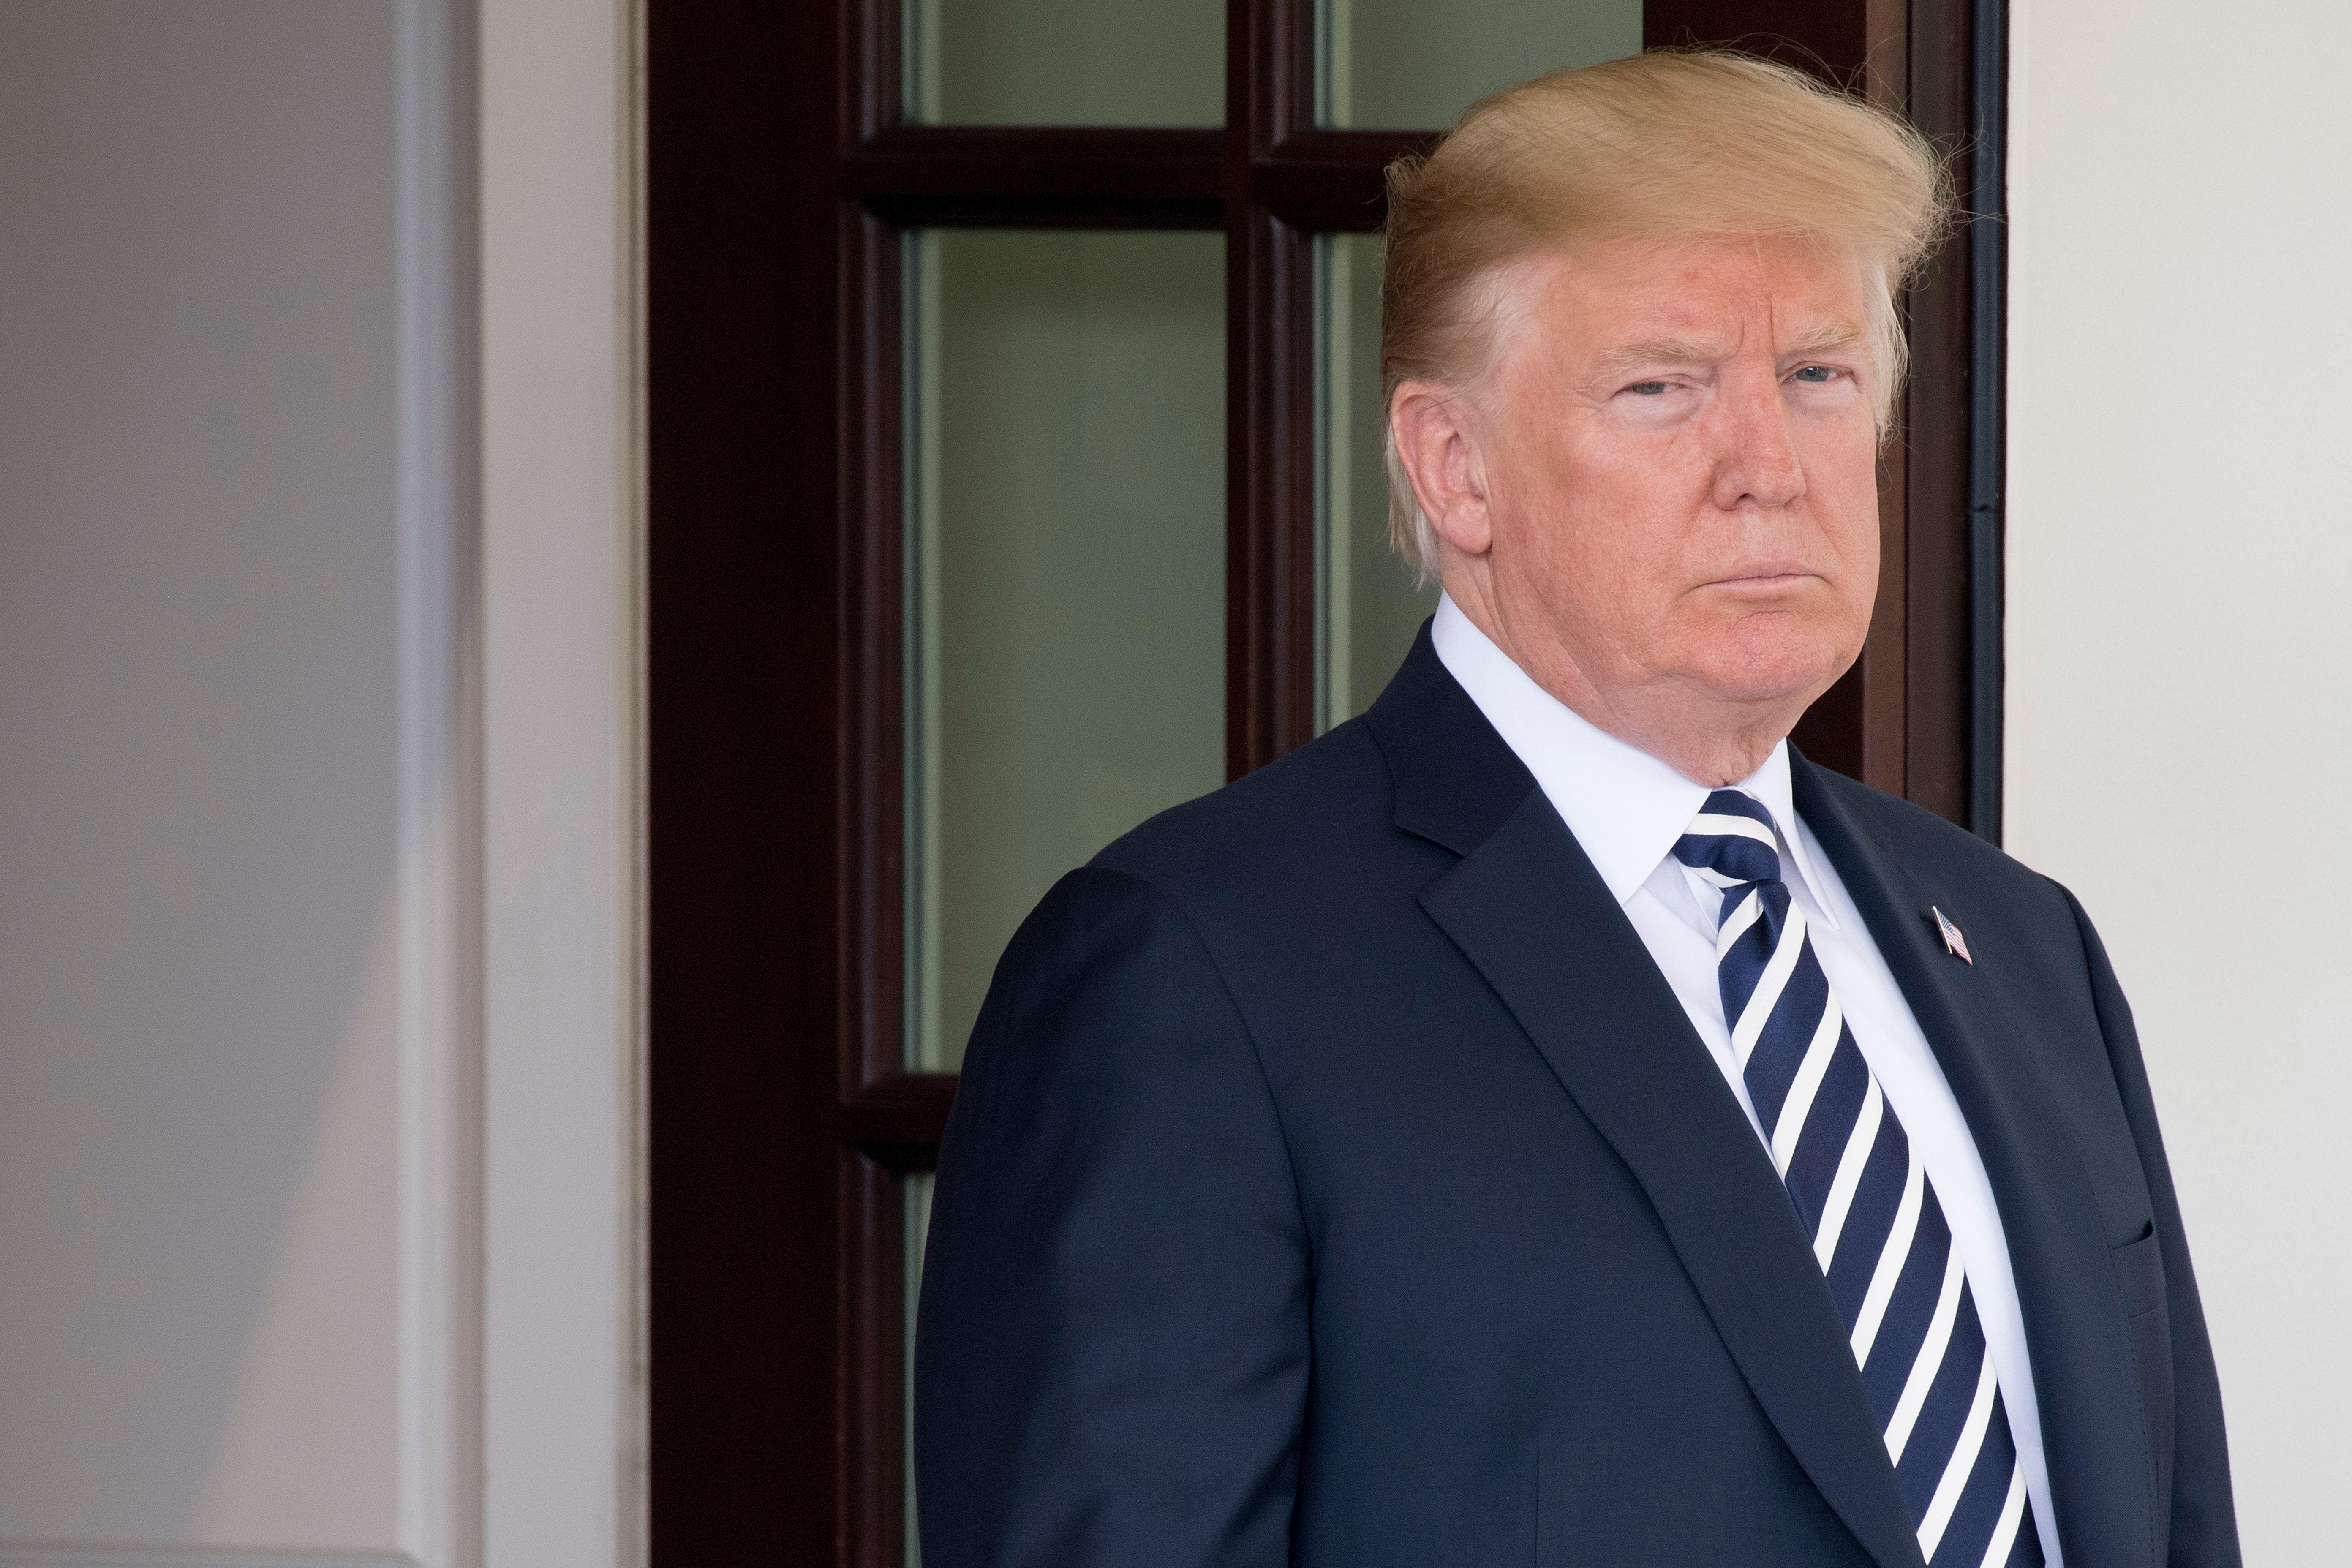 Le pétrole recule, Trump se dit prêt à rencontrer les dirigeants